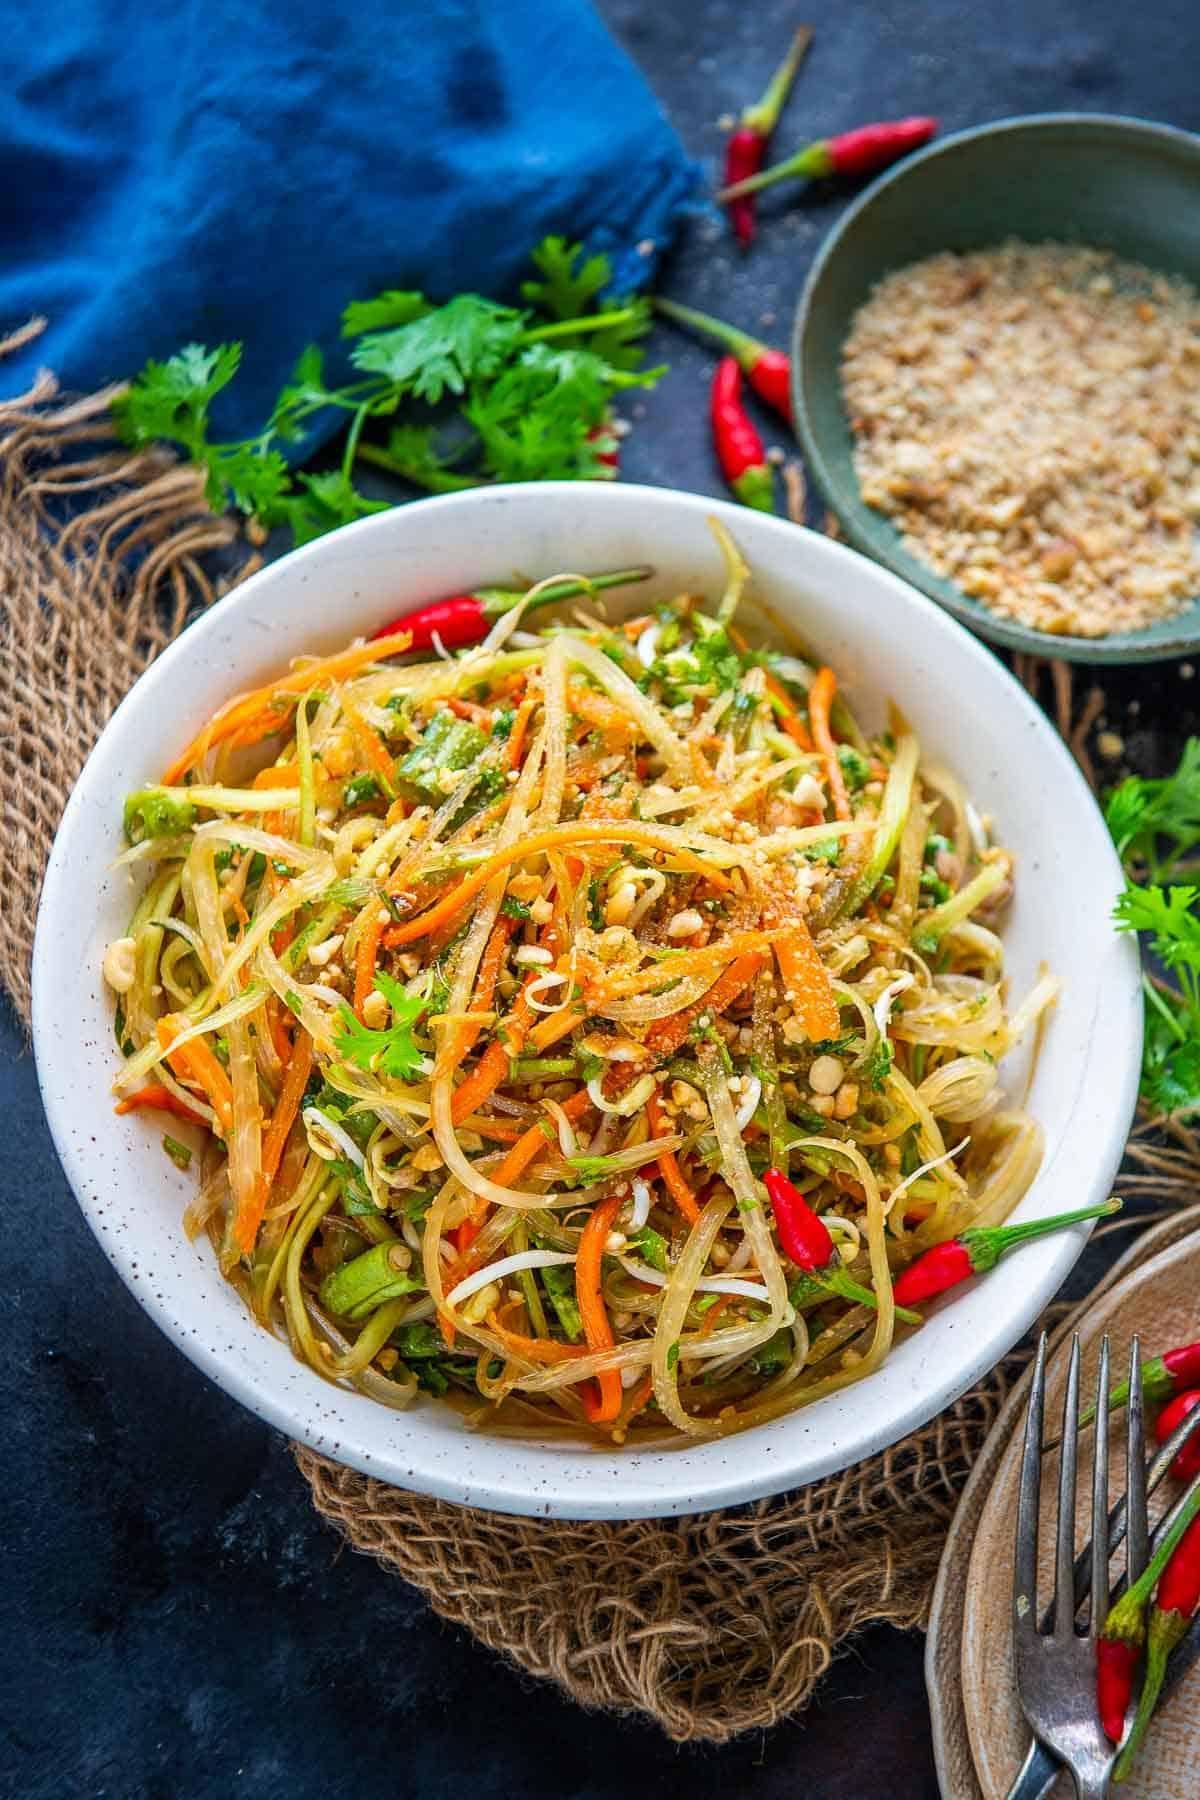 Green papaya salad served in a bowl.